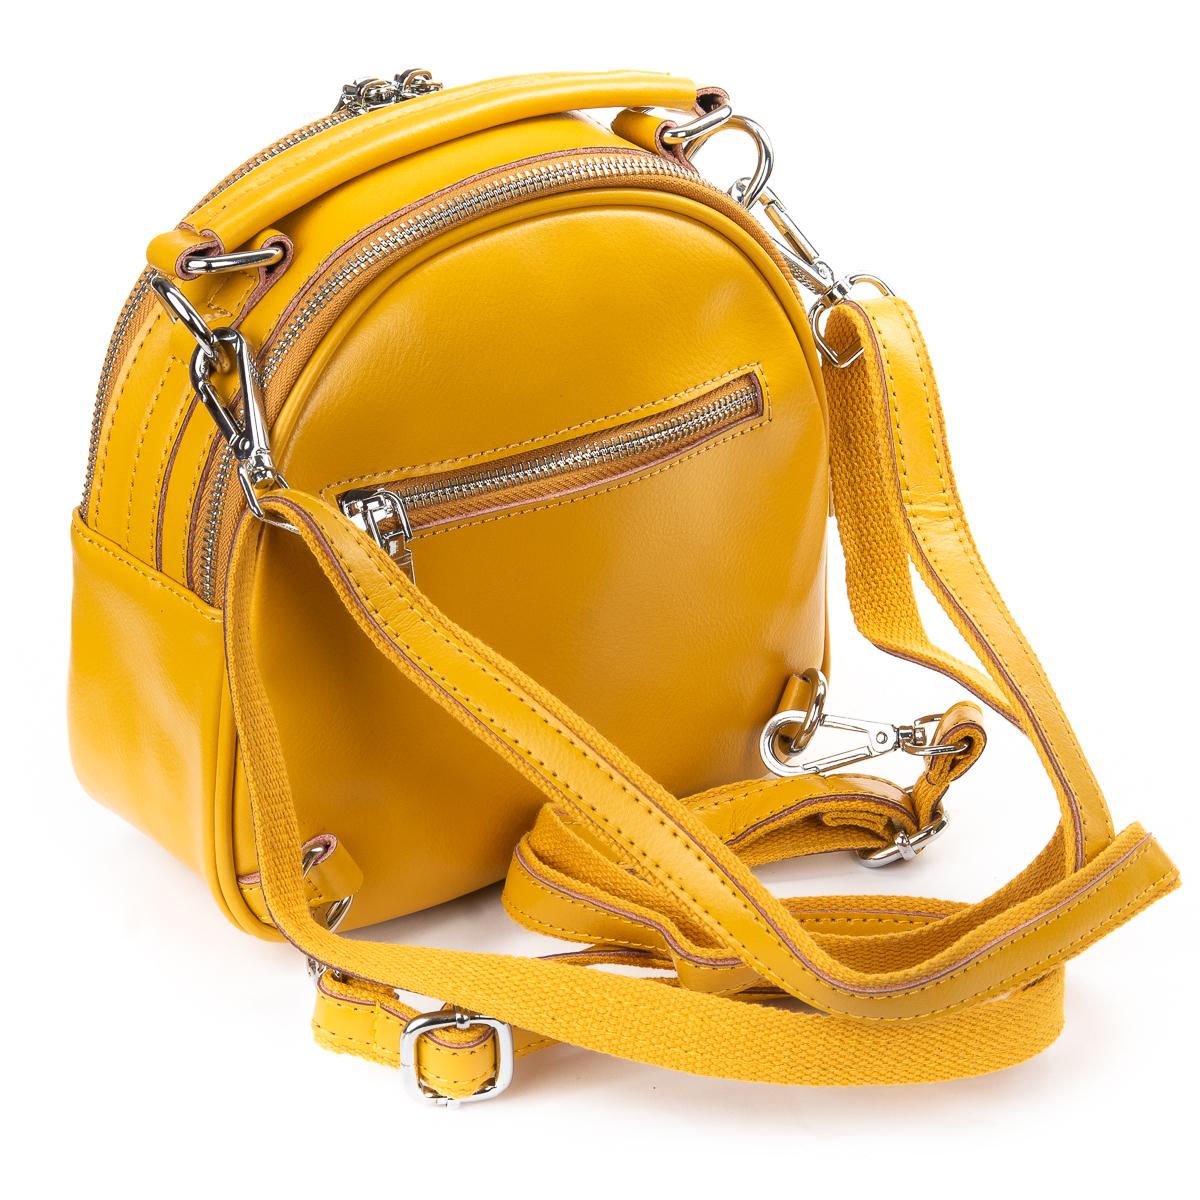 Сумка Женская Клатч кожа ALEX RAI 06-1 339 yellow - фото 4